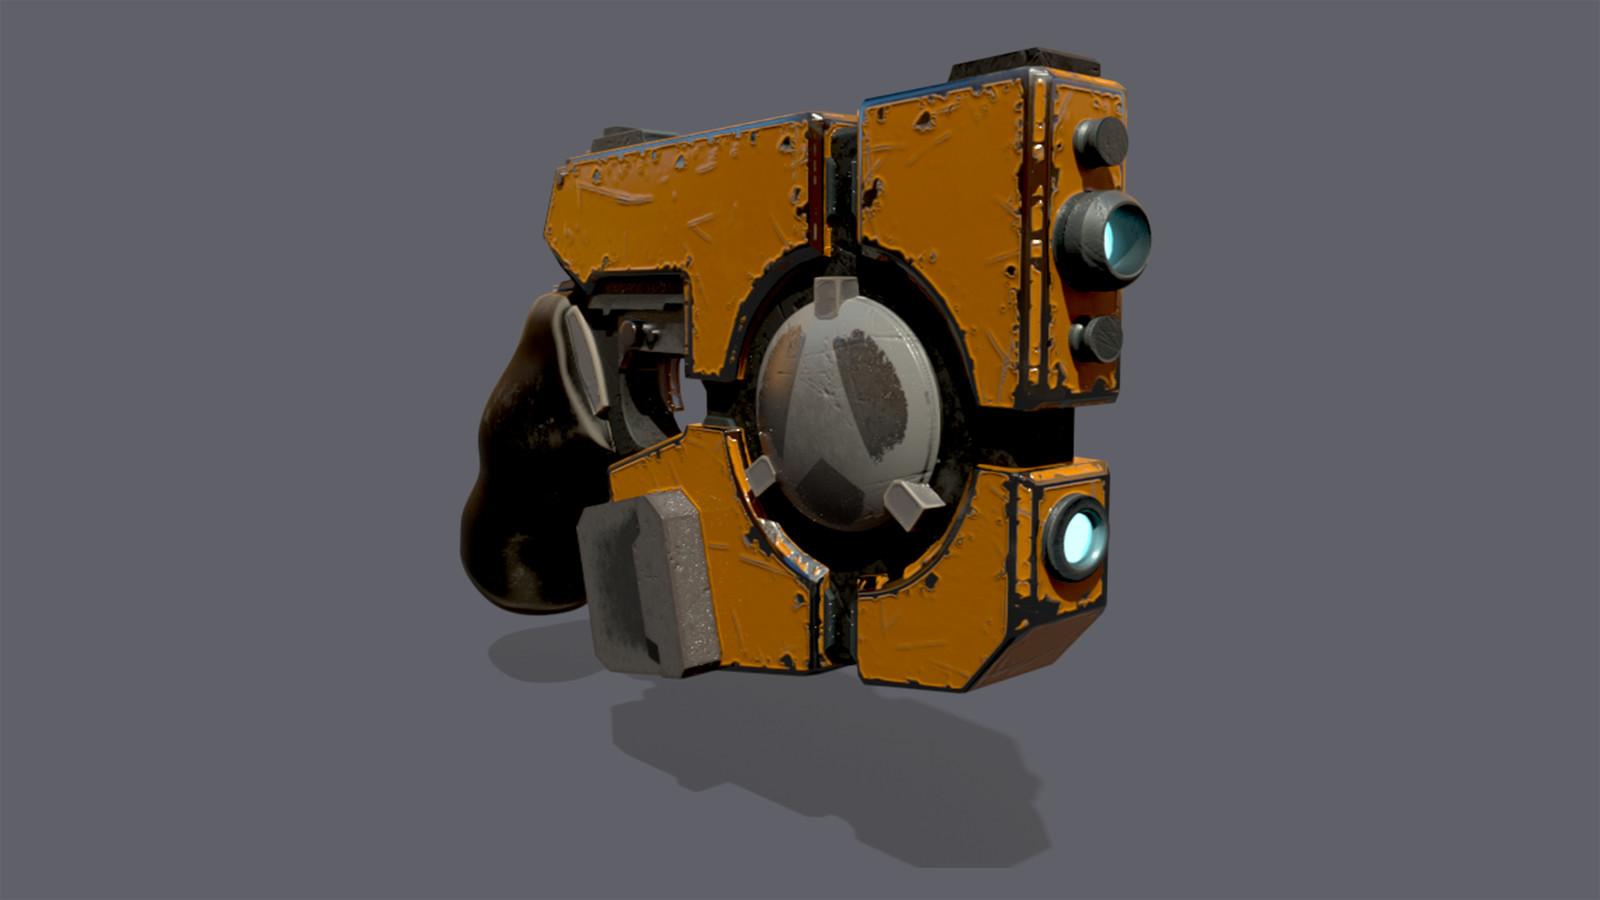 Sci-Fi Pistol Model